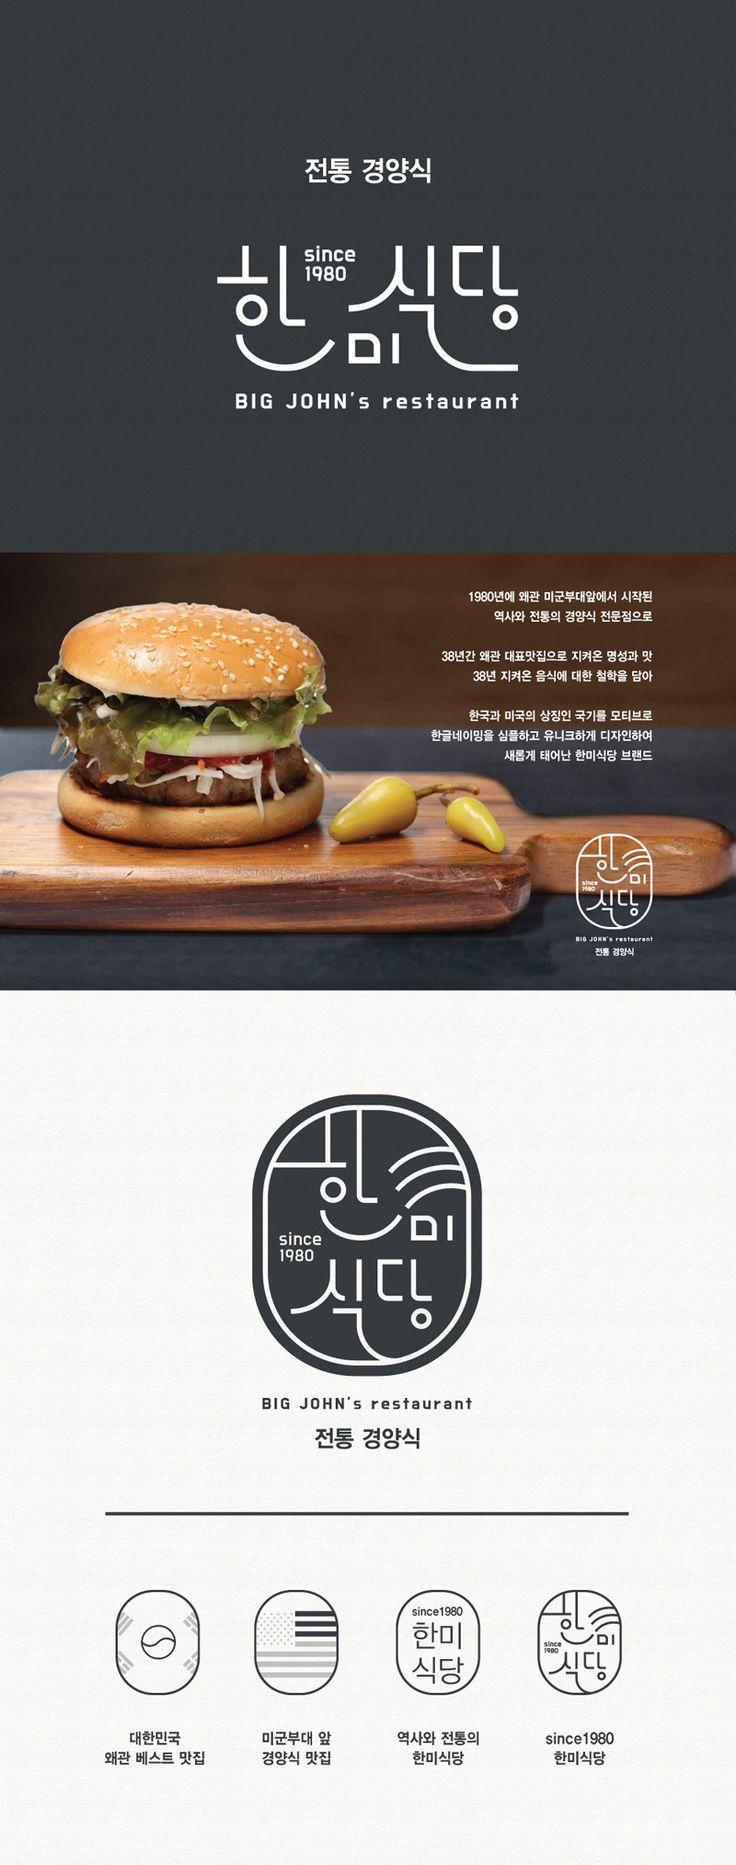 대구 맛집 한미식당 로고디자인, CI디자인, 프랜차이즈로고 요식업 프랜차이즈업 창업, 브랜드디자인, 대구로고 : 네이버 블로그